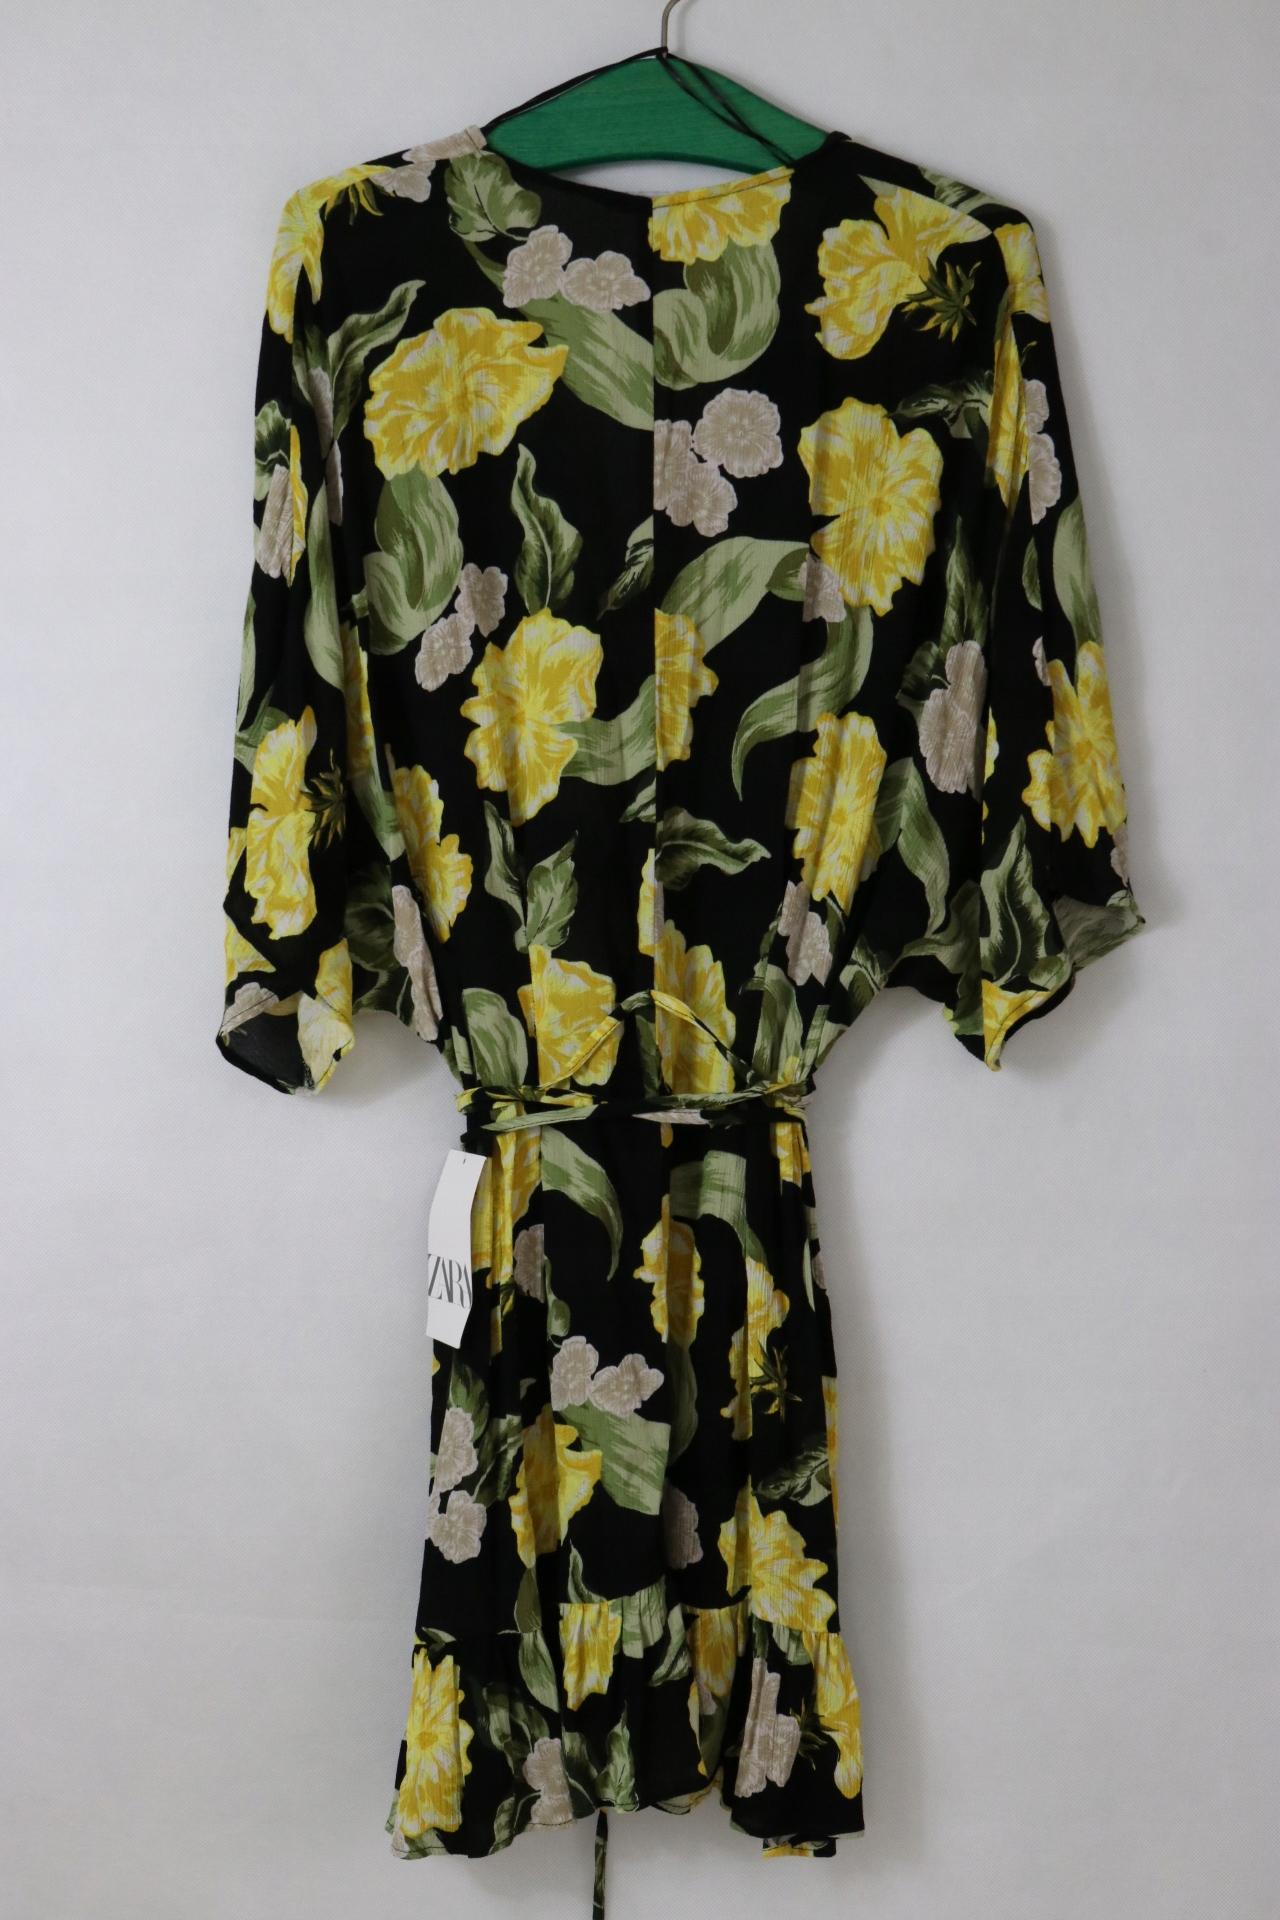 Zara czarna sukienka w żółte kwiaty wiązana L 8337412955